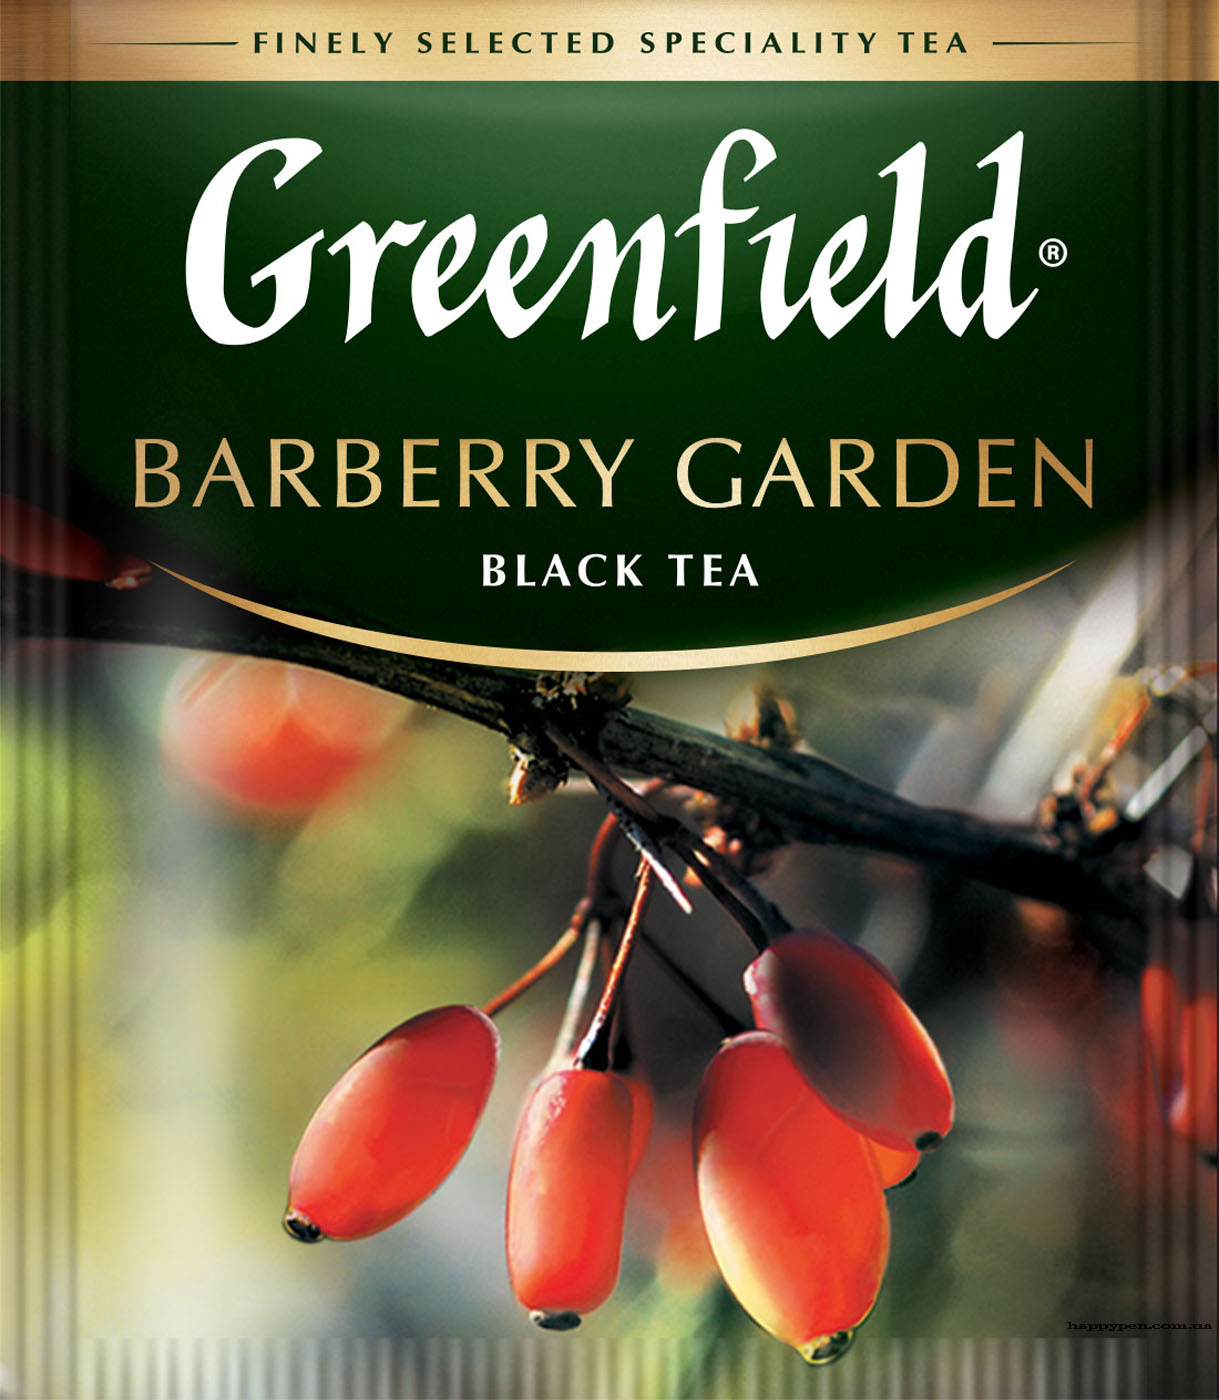 Чай черный ароматизированный Barberry Garden 100пак. по 1,5гр., термосаше, в пакете Greenfield - фото 1